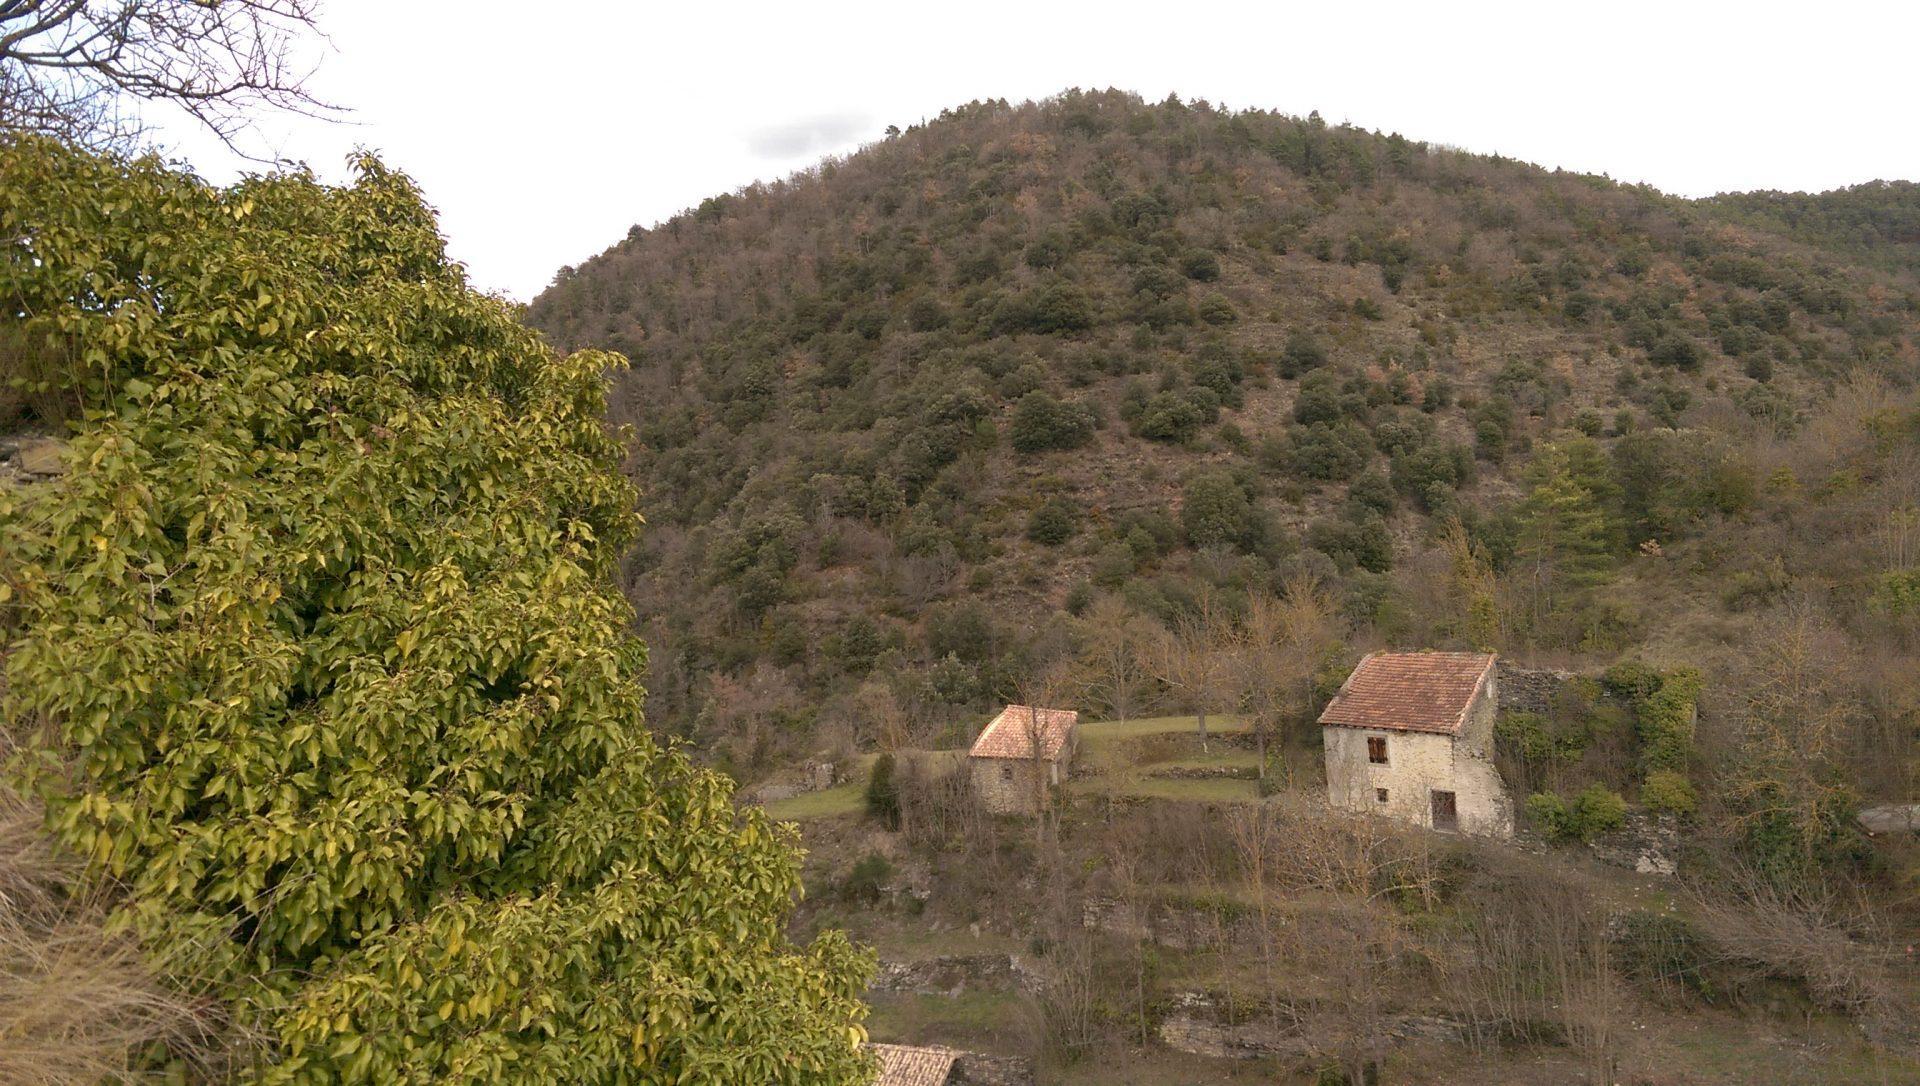 Rêver de vivre dans un endroit isolé - Crédit photo izart.fr